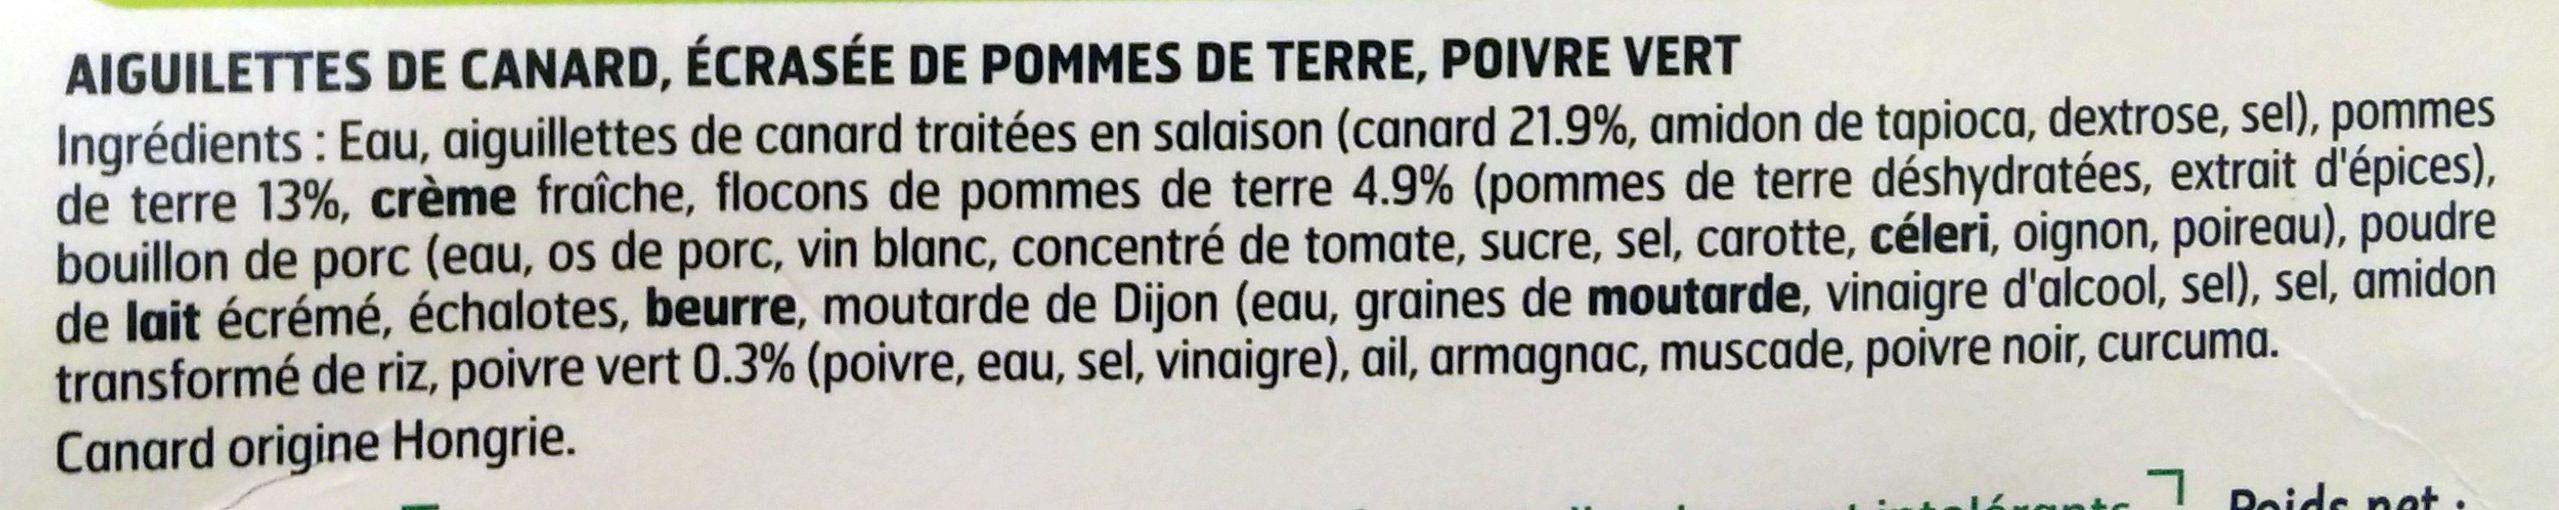 Aiguillettes de canard au poivre vert écrasée de pommes de terre - Ingrédients - fr